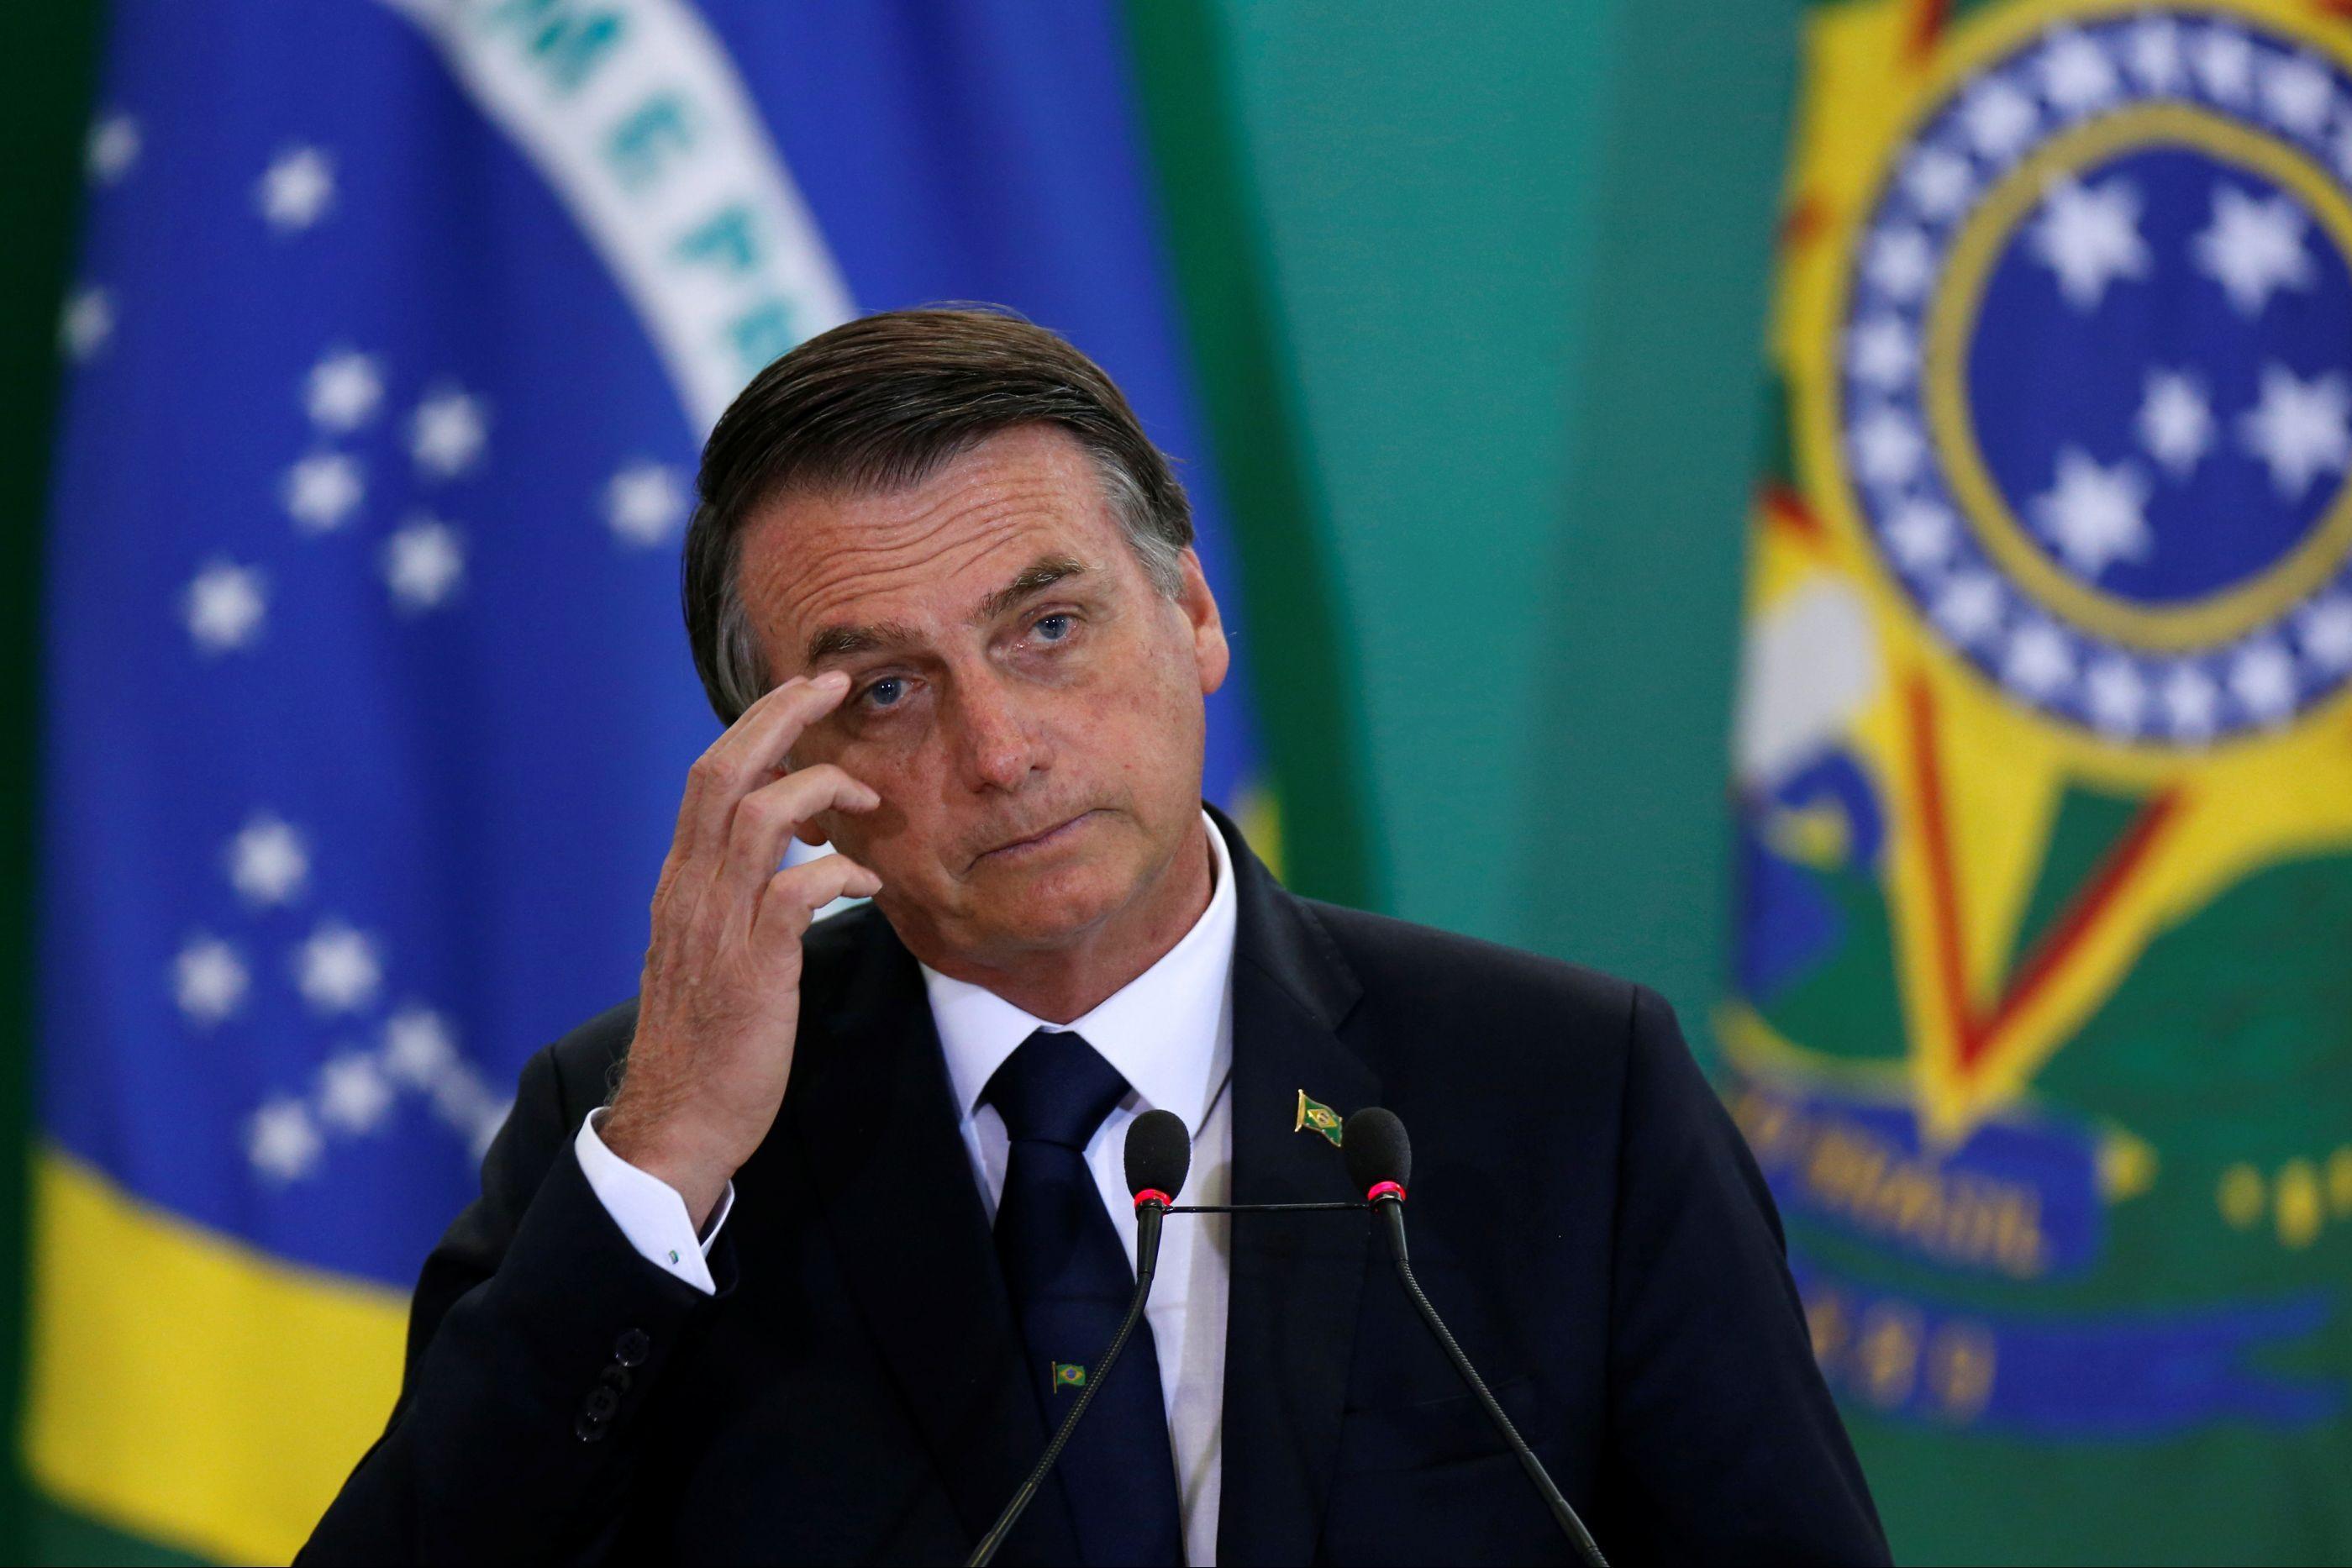 Após três meses, Bolsonaro tem maior taxa de desaprovação desde 1990